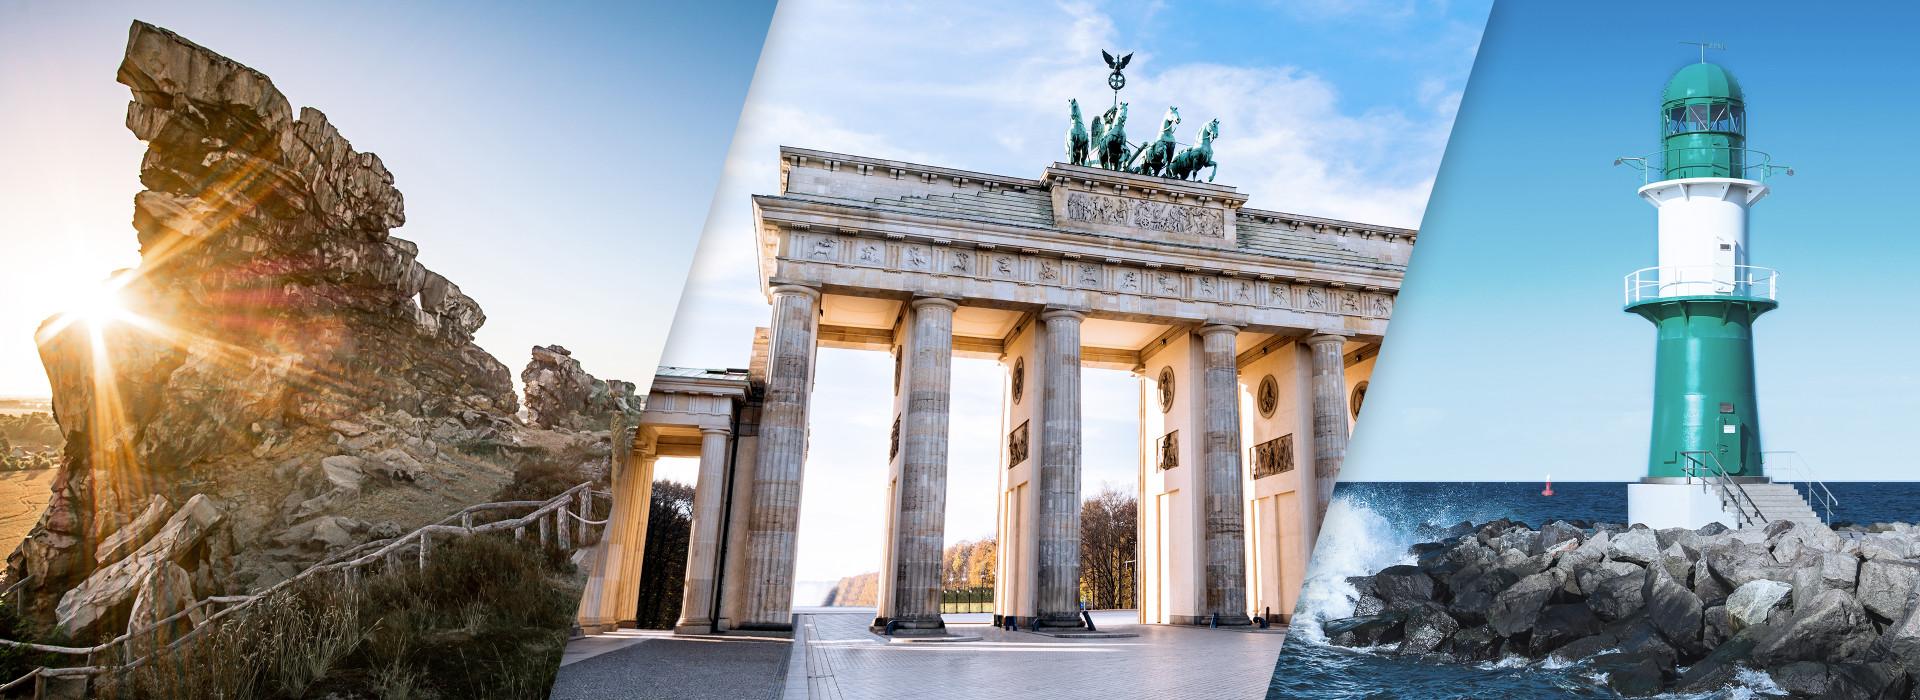 STILL Hauptniederlassung Berlin